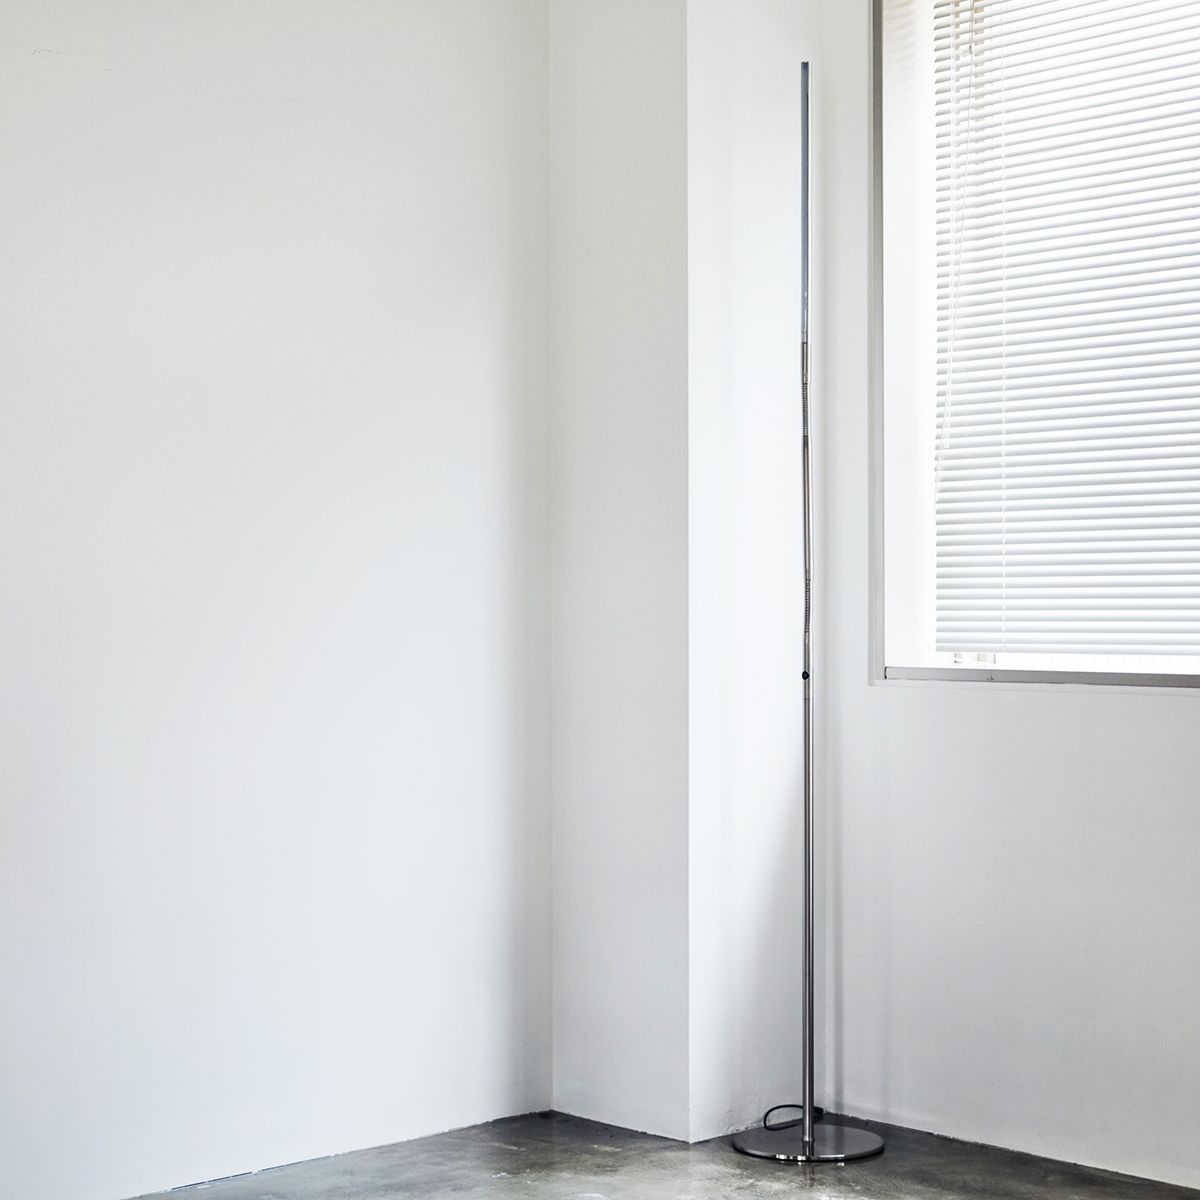 垂直に伸びる一本線のデザインは、窓枠・柱・扉・家具など、おうちのインテリアの縦ラインにスッと馴染んで、スペースを圧迫しません。使わない時は気配を主張せず、影の存在に。フロアライト|Daylight - Slimline3